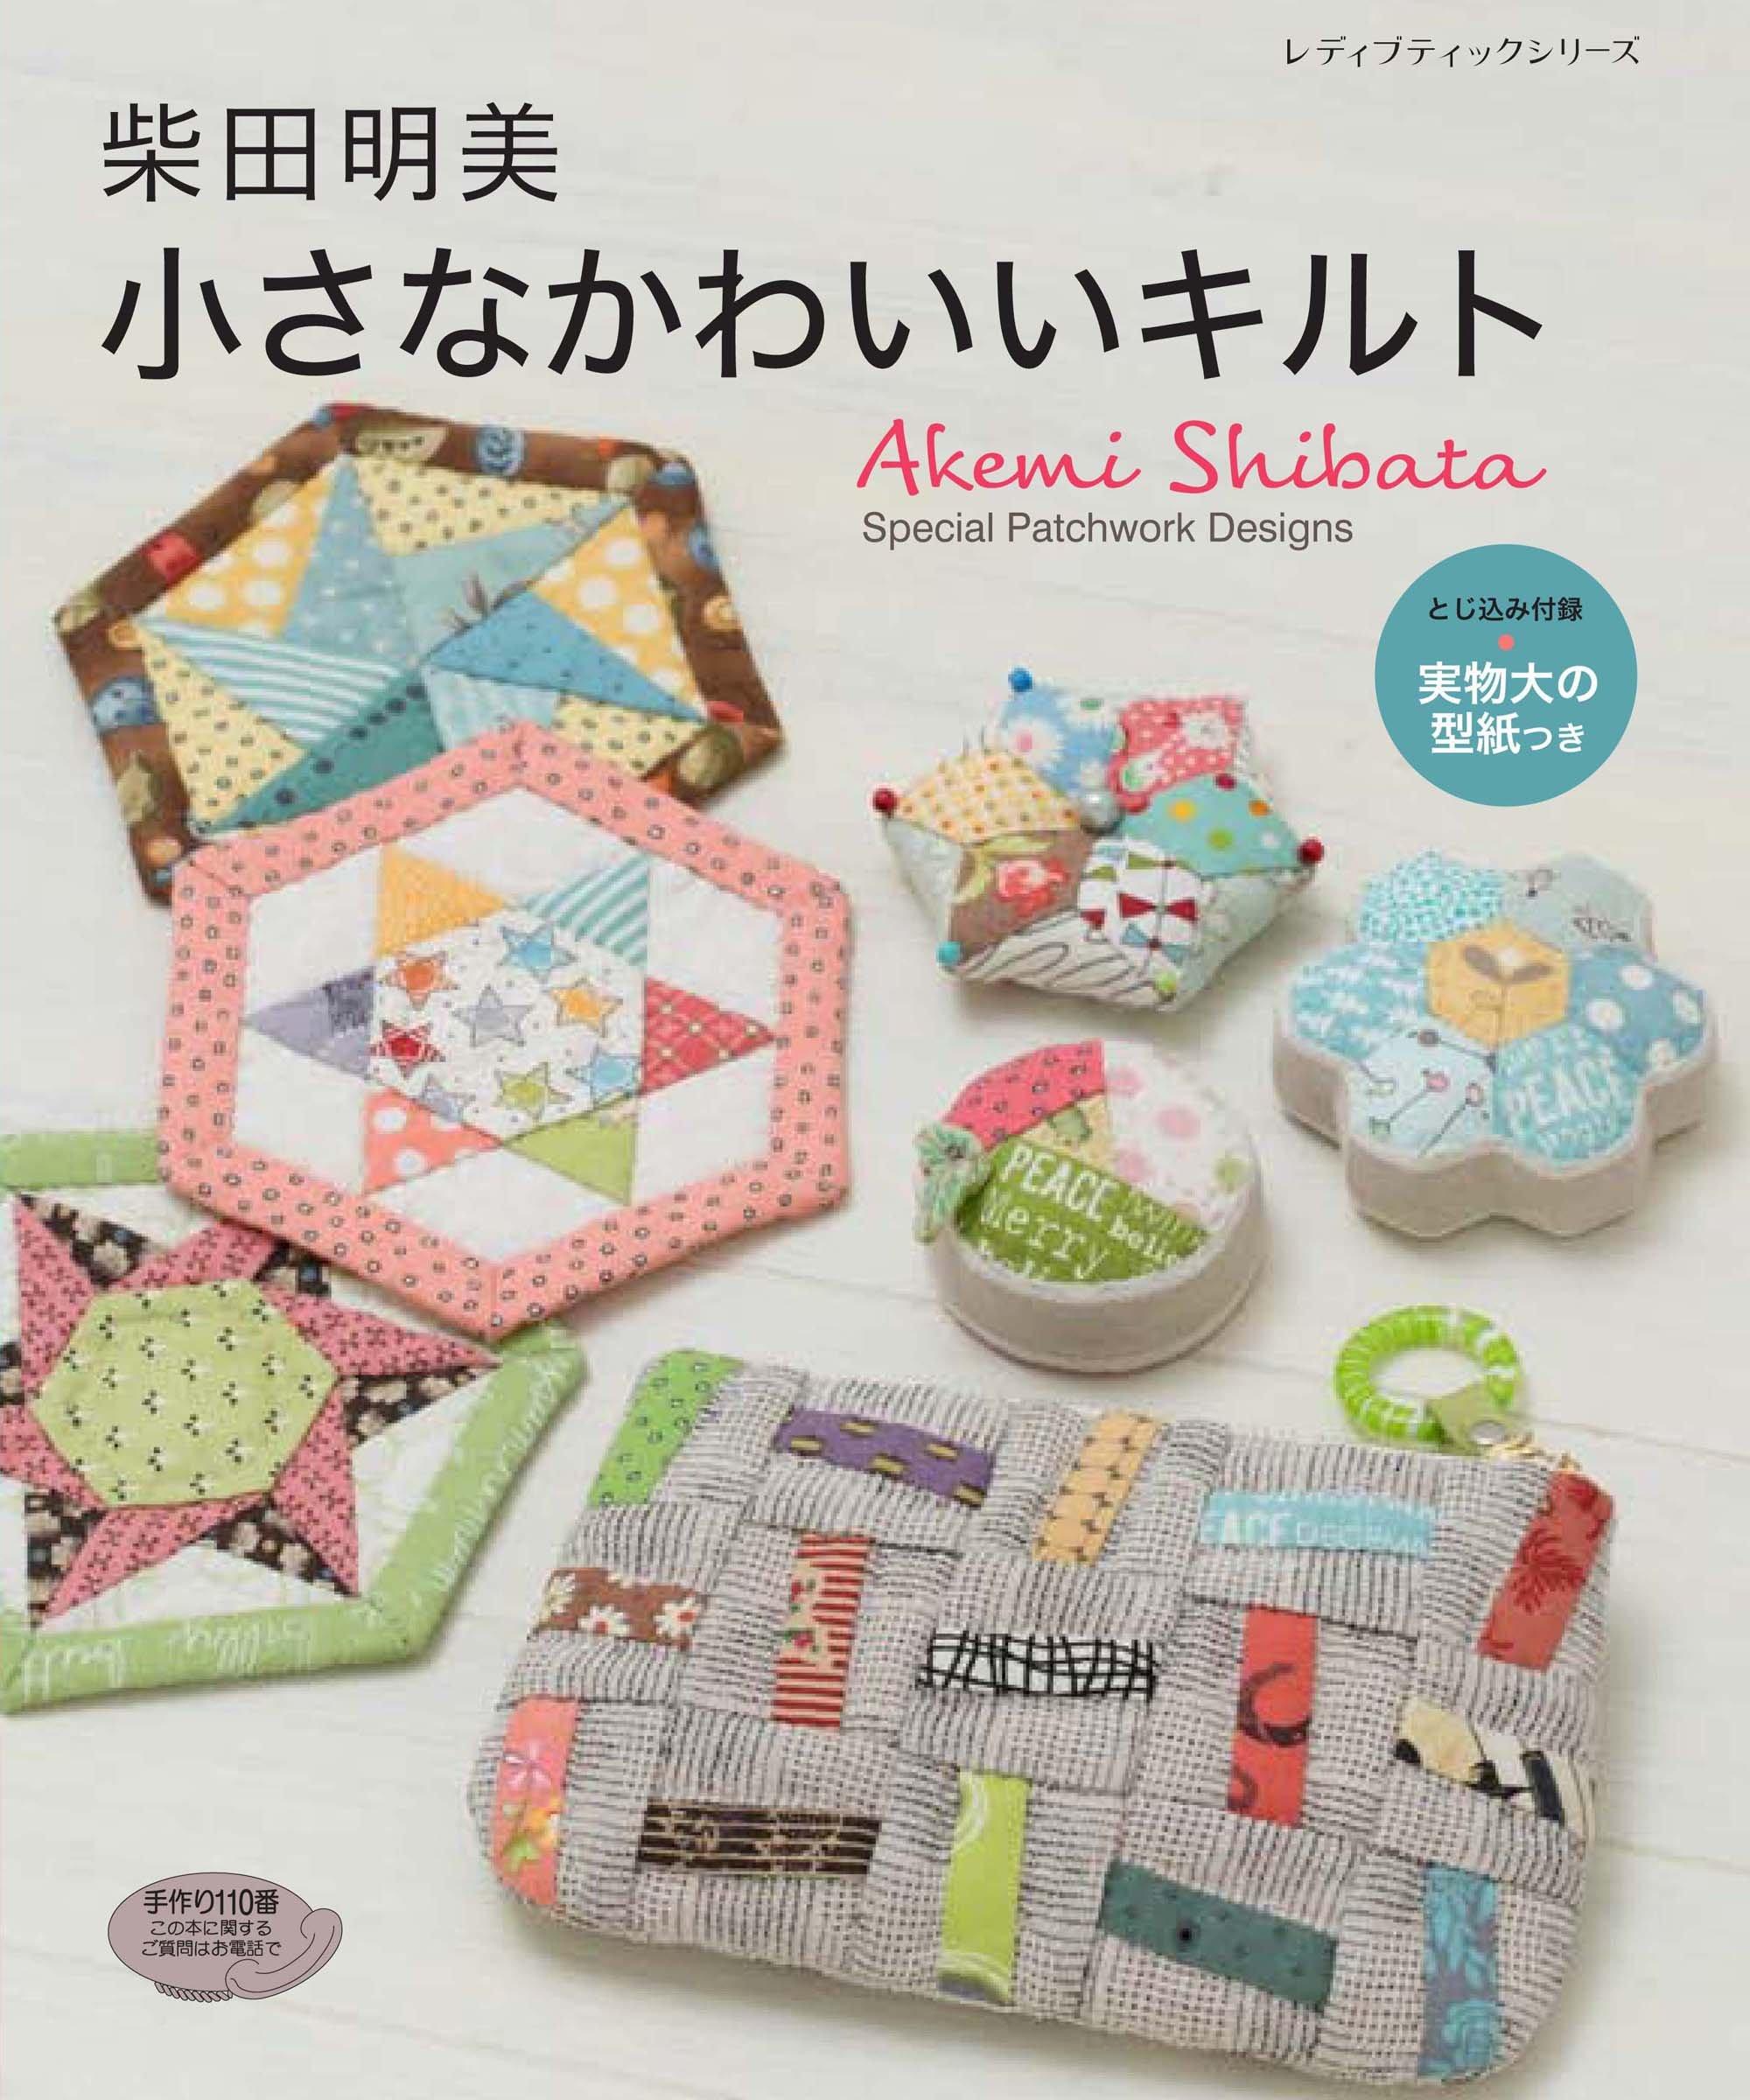 Akemi Shibata cute little quilt